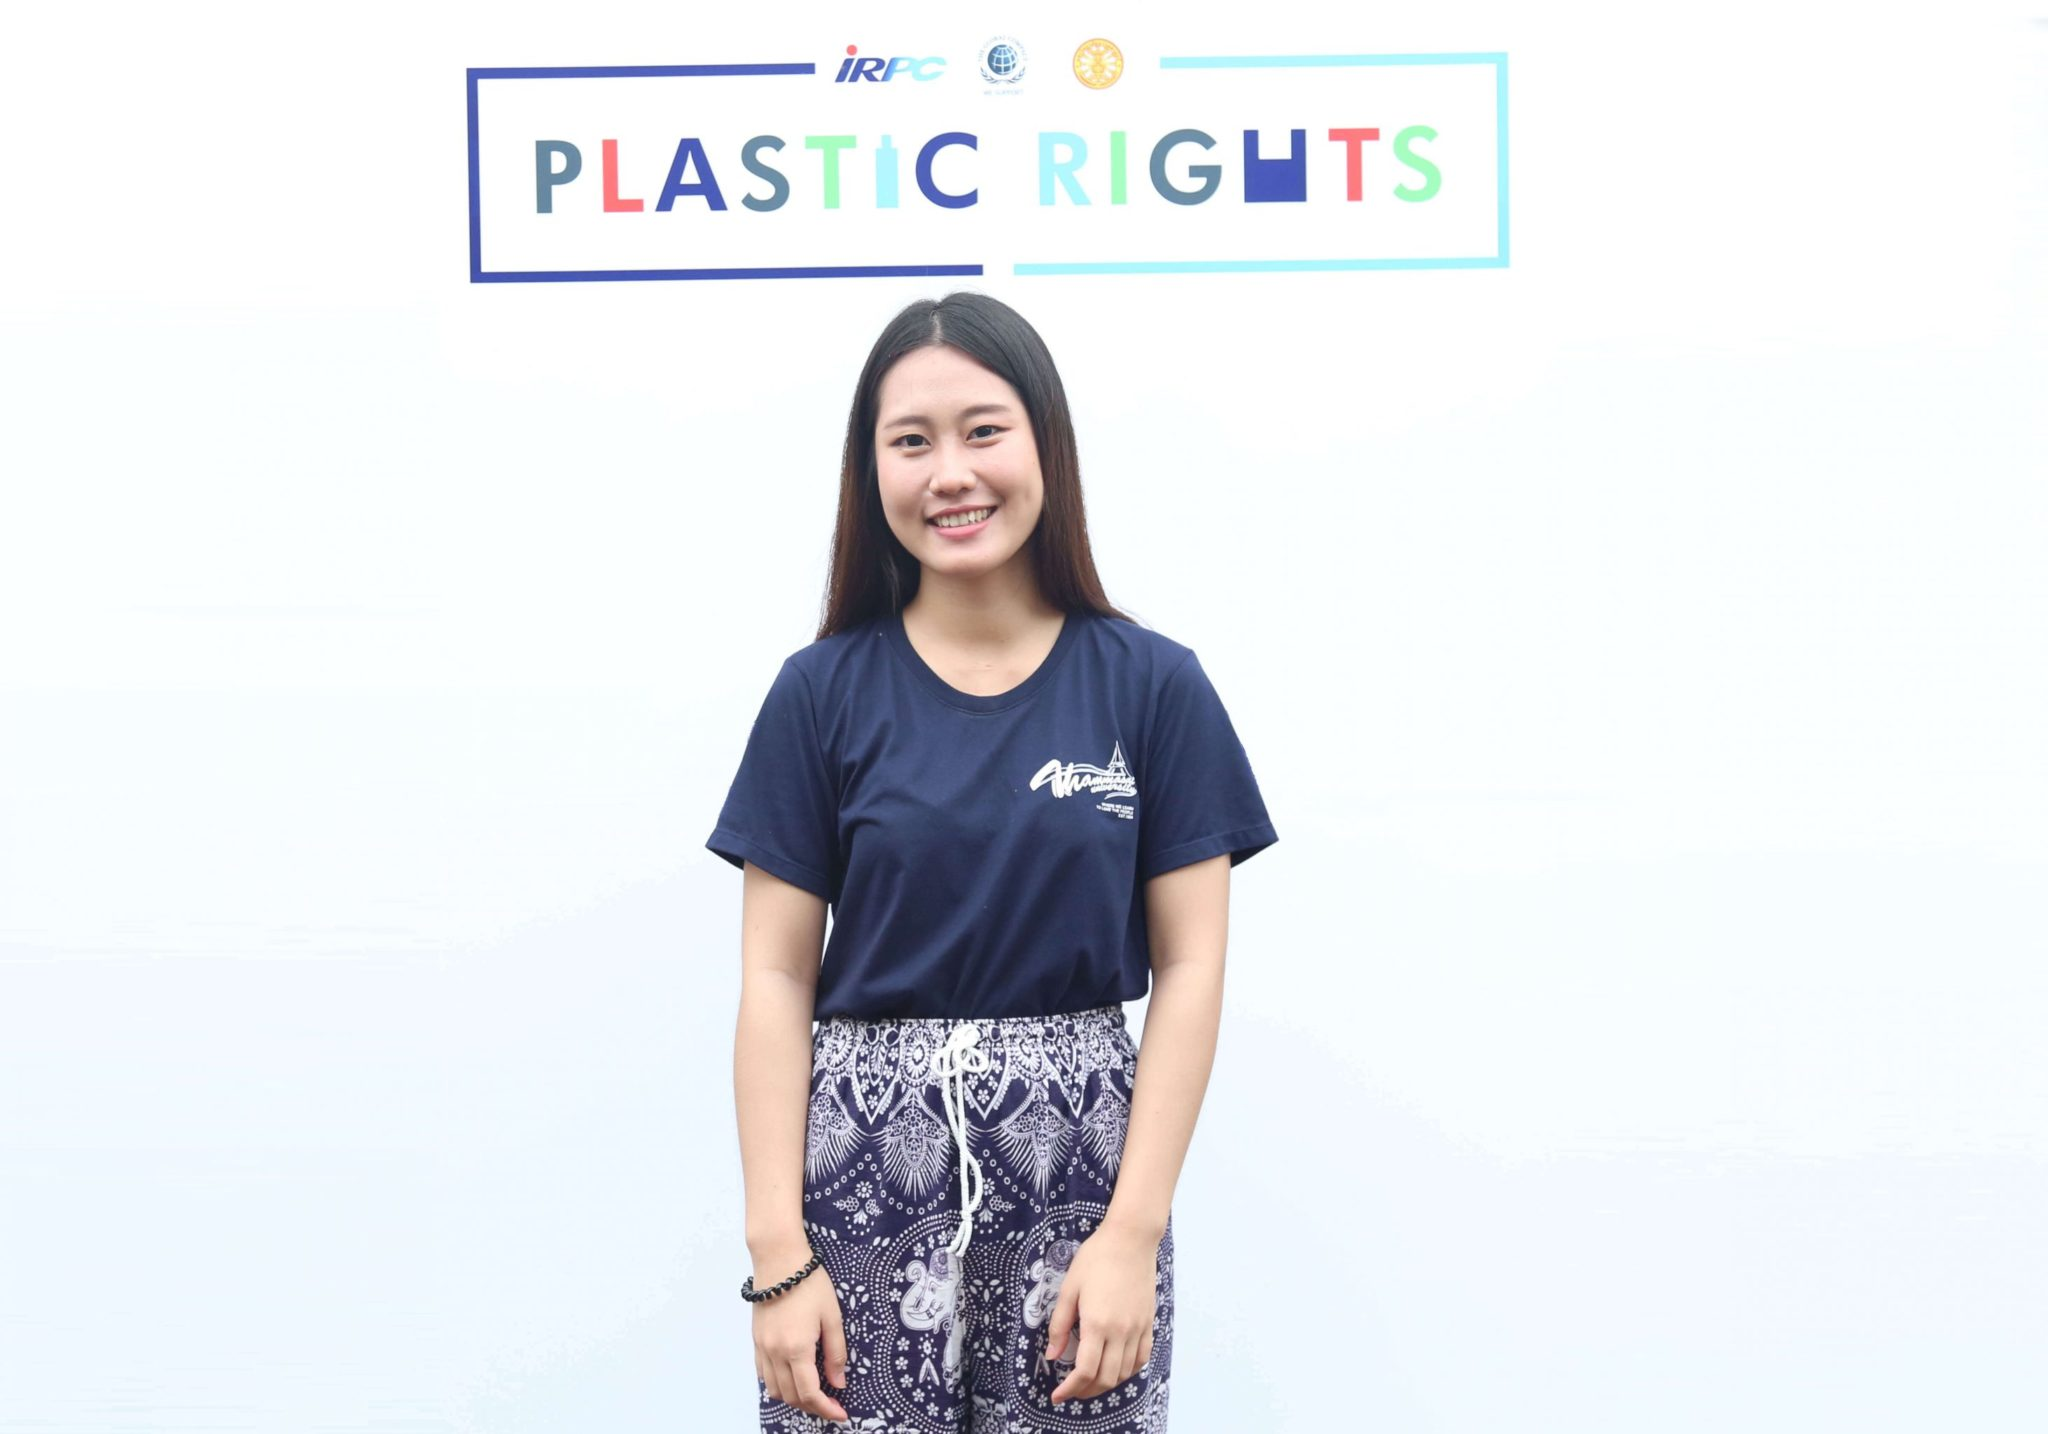 พายเรือเก็บขยะได้ถึง 2 ตัน ธรรมศาสตร์ร่วมสานต่อ #PlasticRights ในแม่น้ำระยอง 15 - junk